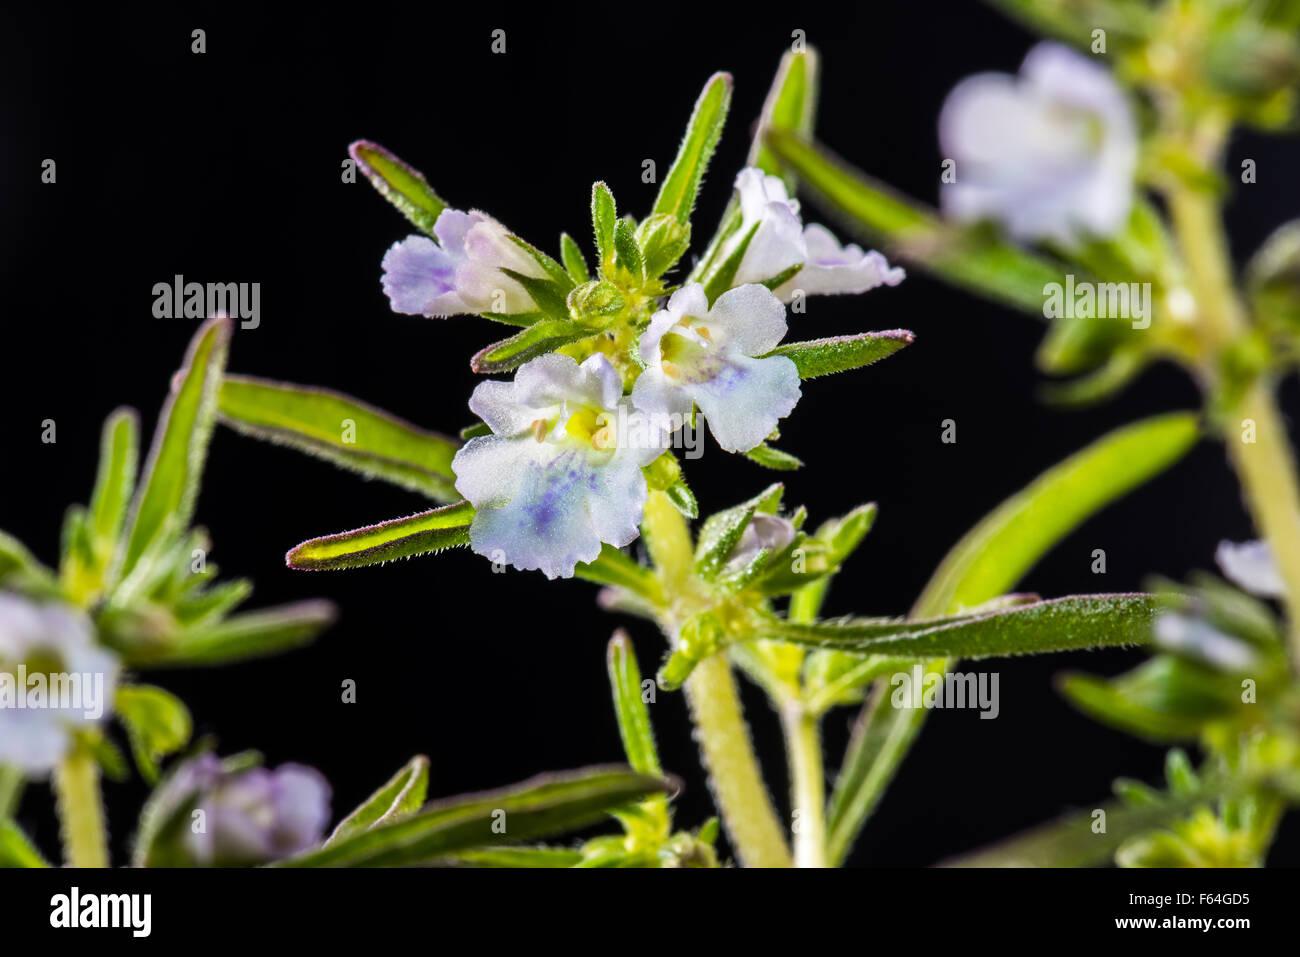 Bohnenkraut, Gewürz, Gewürze, blühen, blühen, in Blüte, Pflanze, ätherische Öle, Stockbild